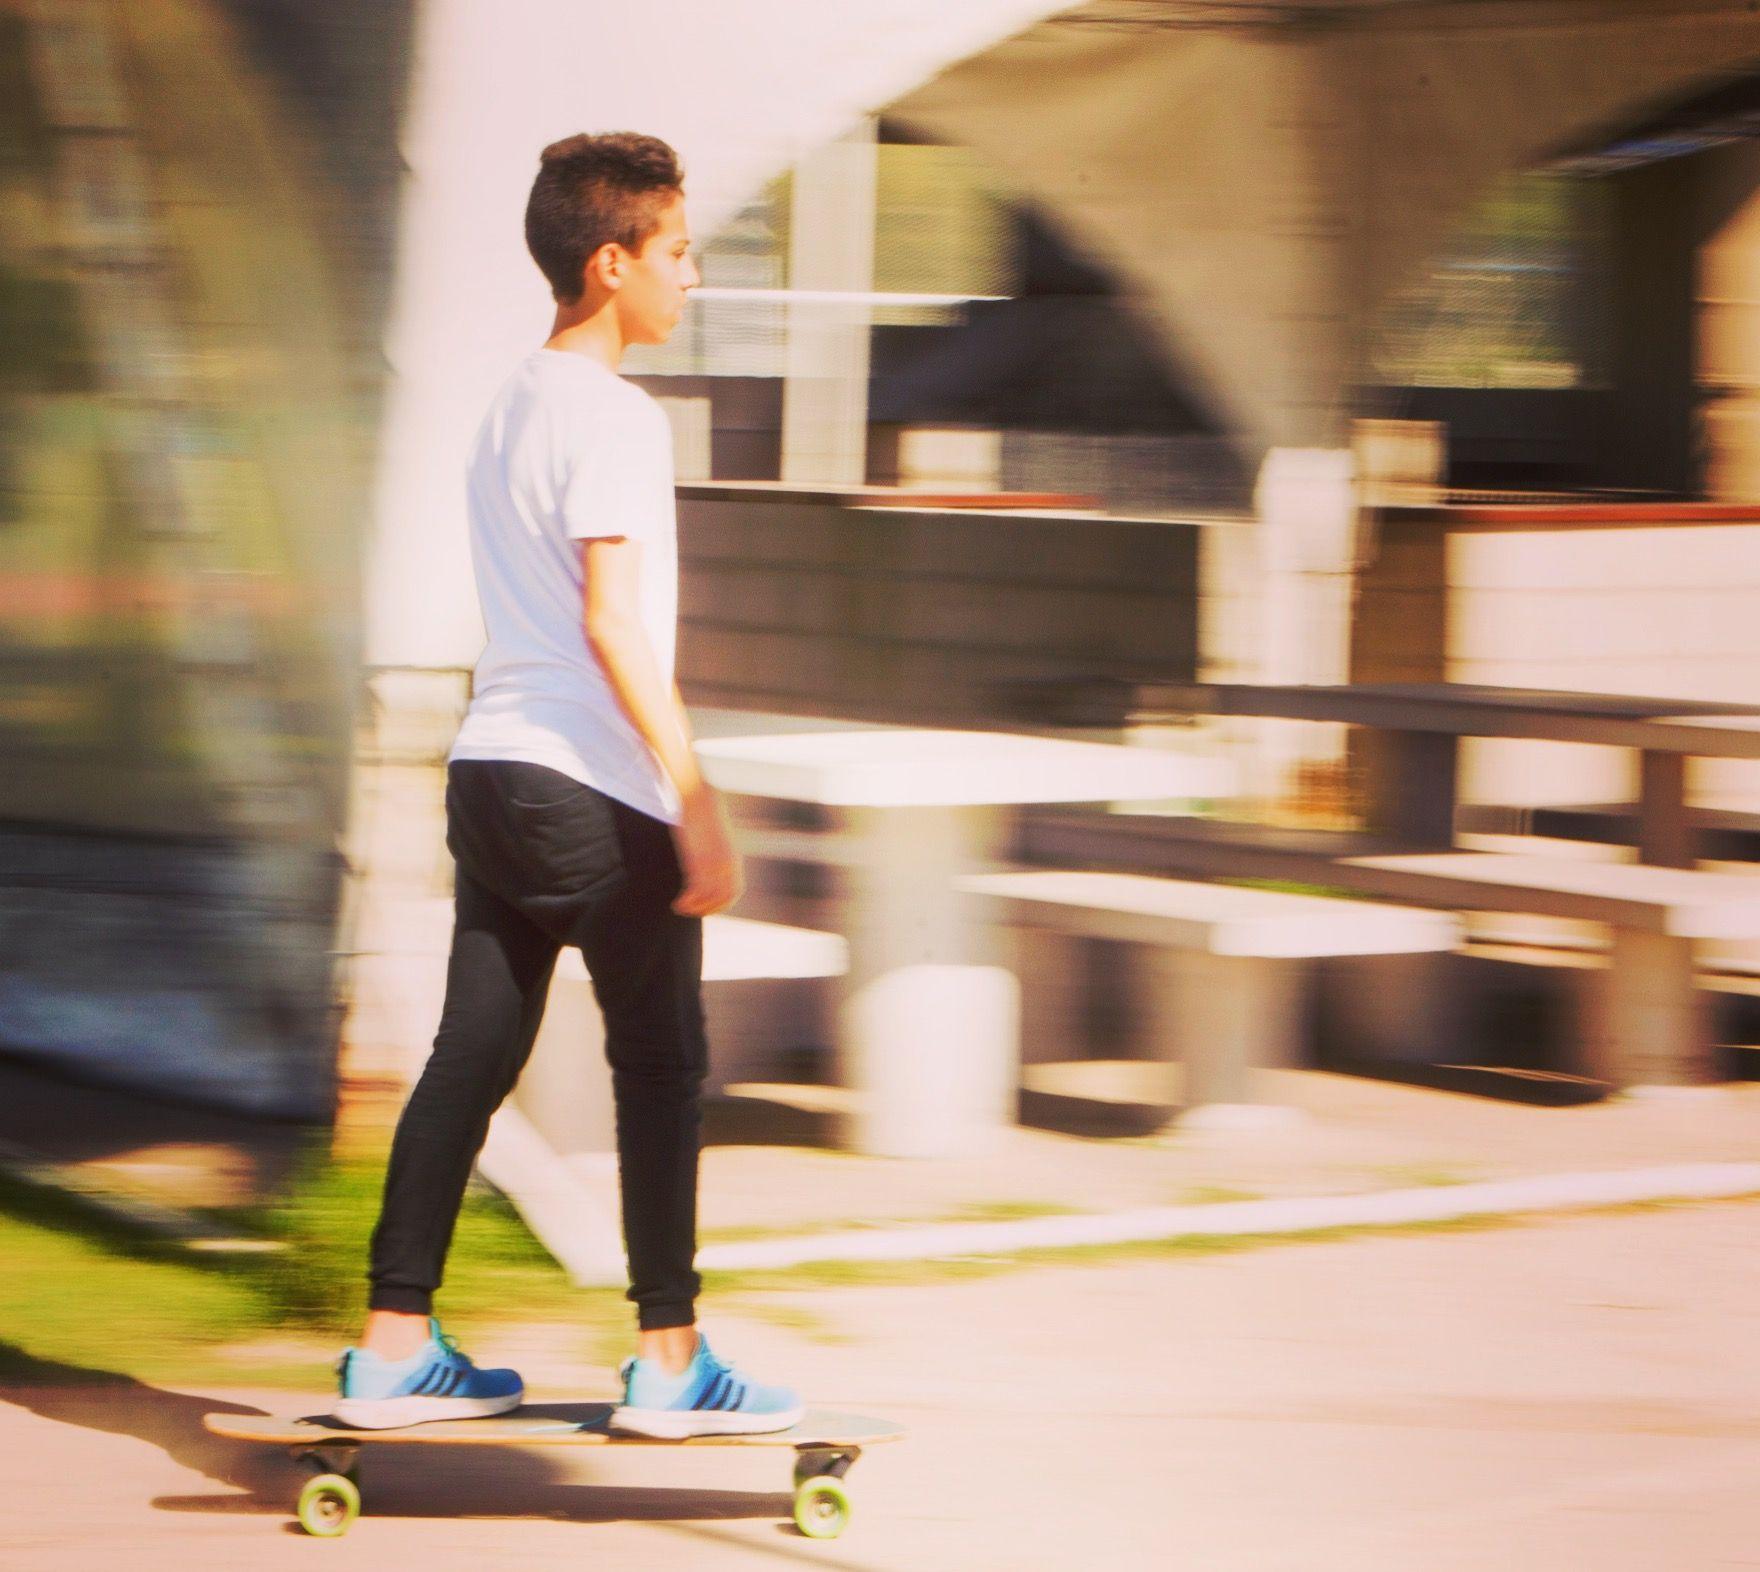 eskate  electricskate  eskates  electricskates  eskateboard  eskateboards   eskateboarding  you2goo you2goo.com d1b1e3156b